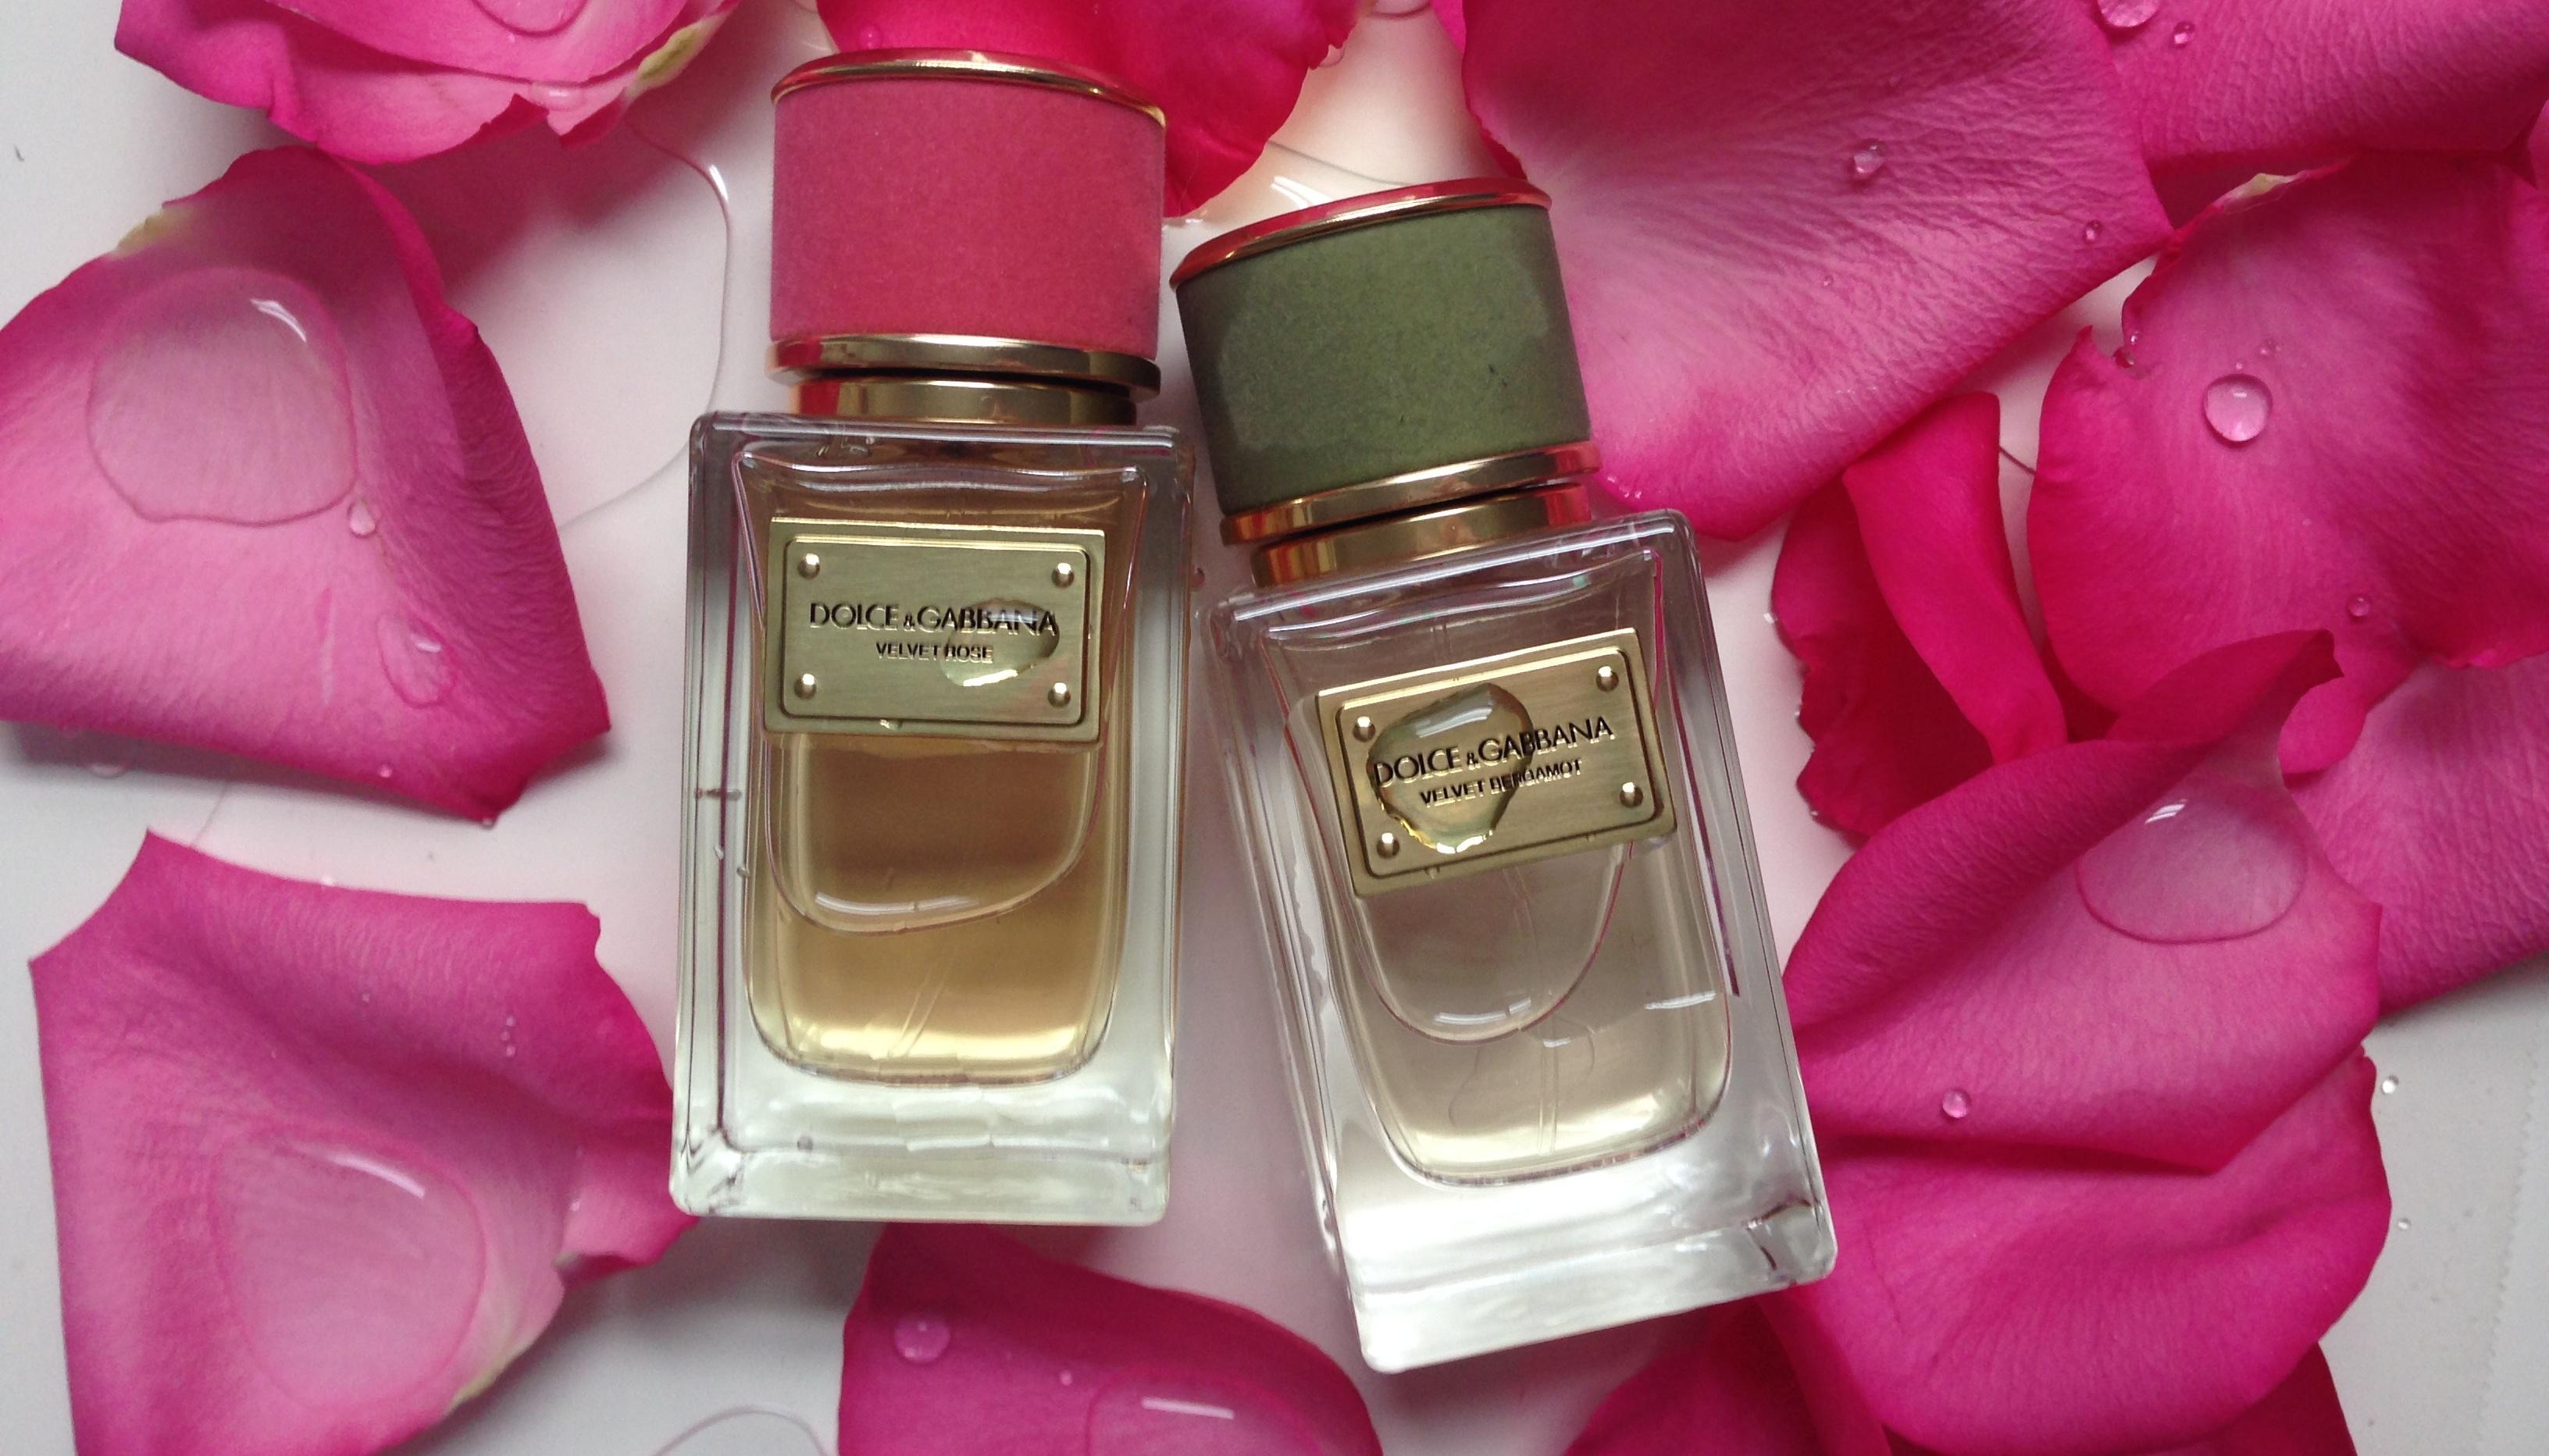 Velvet Rose, Dolce & Gabbana